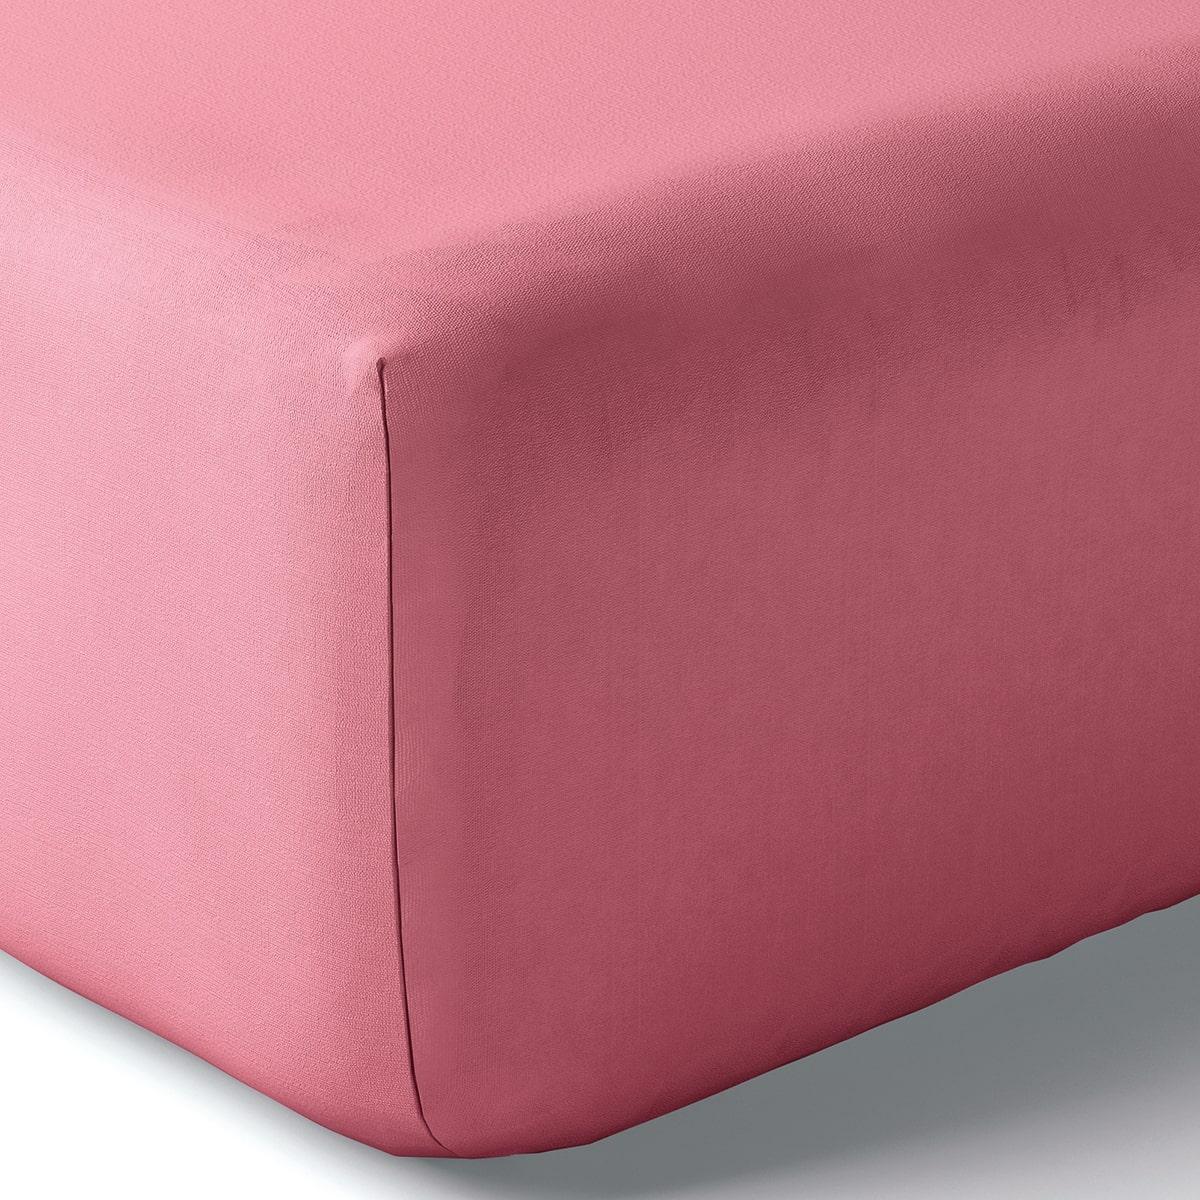 Drap housse coton 80x200 cm pivoine